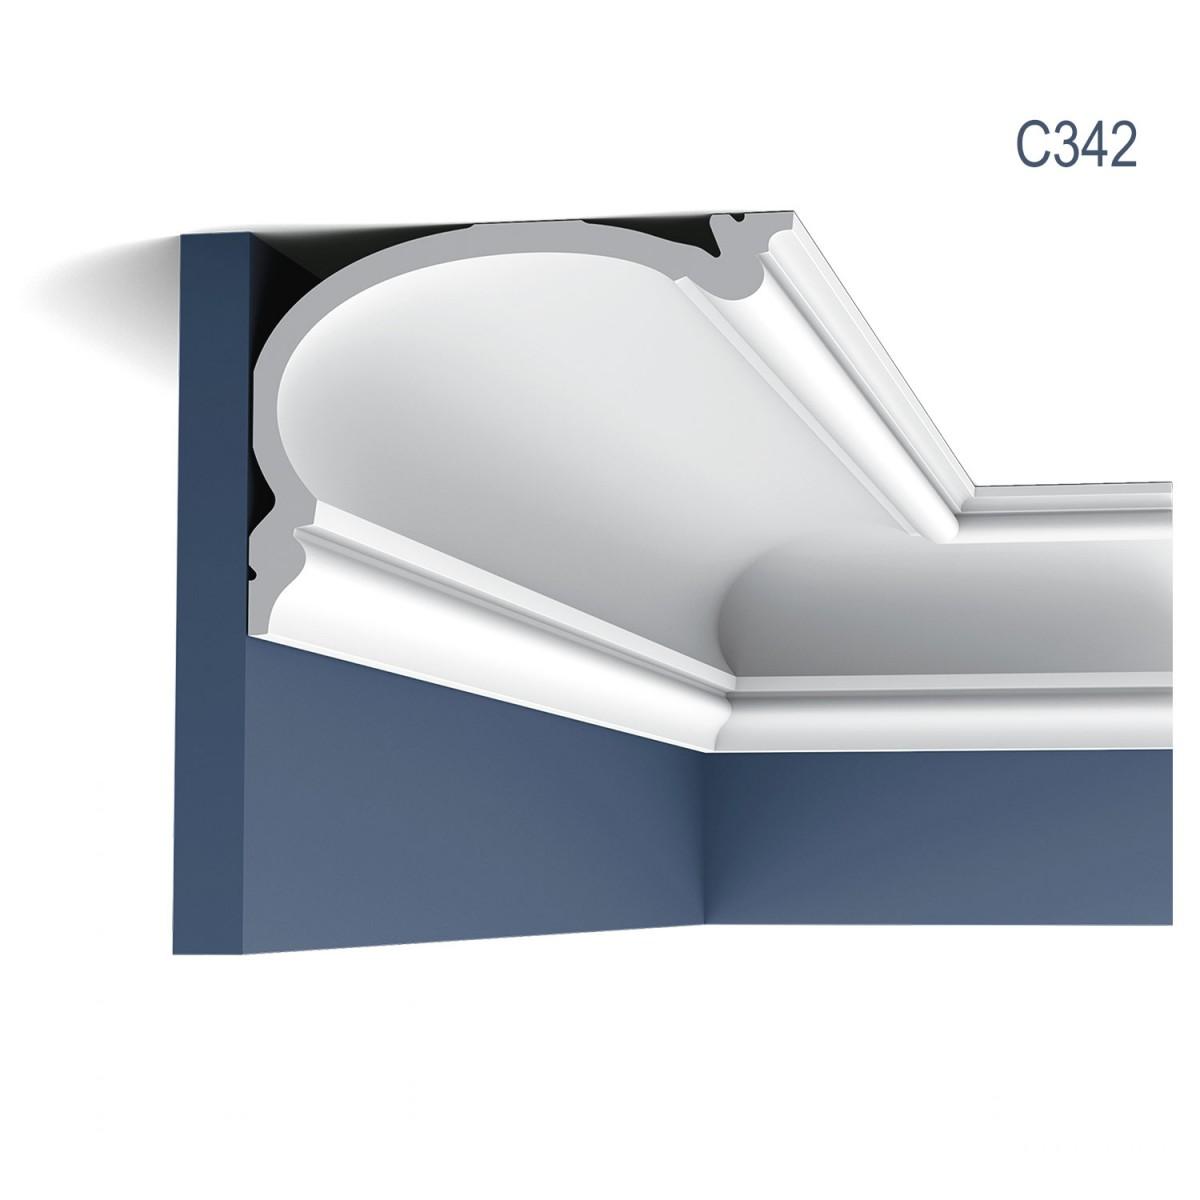 Cornisa Luxxus C342, Dimensiuni: 200 X 19 X 14 cm, Orac Decor